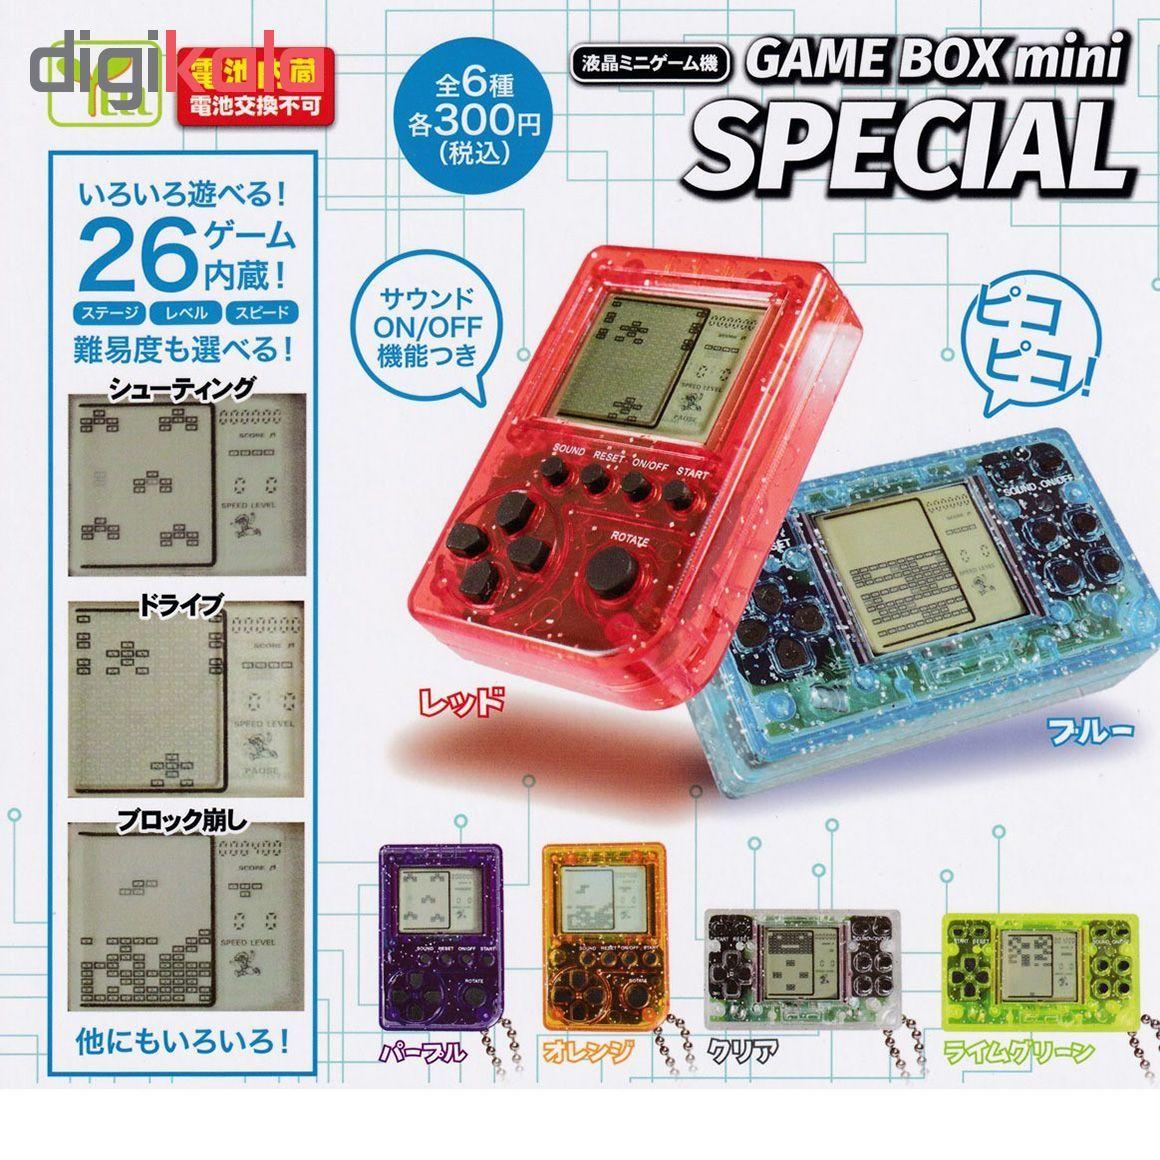 کنسول بازی قابل حمل گیم باکس مدل LR44